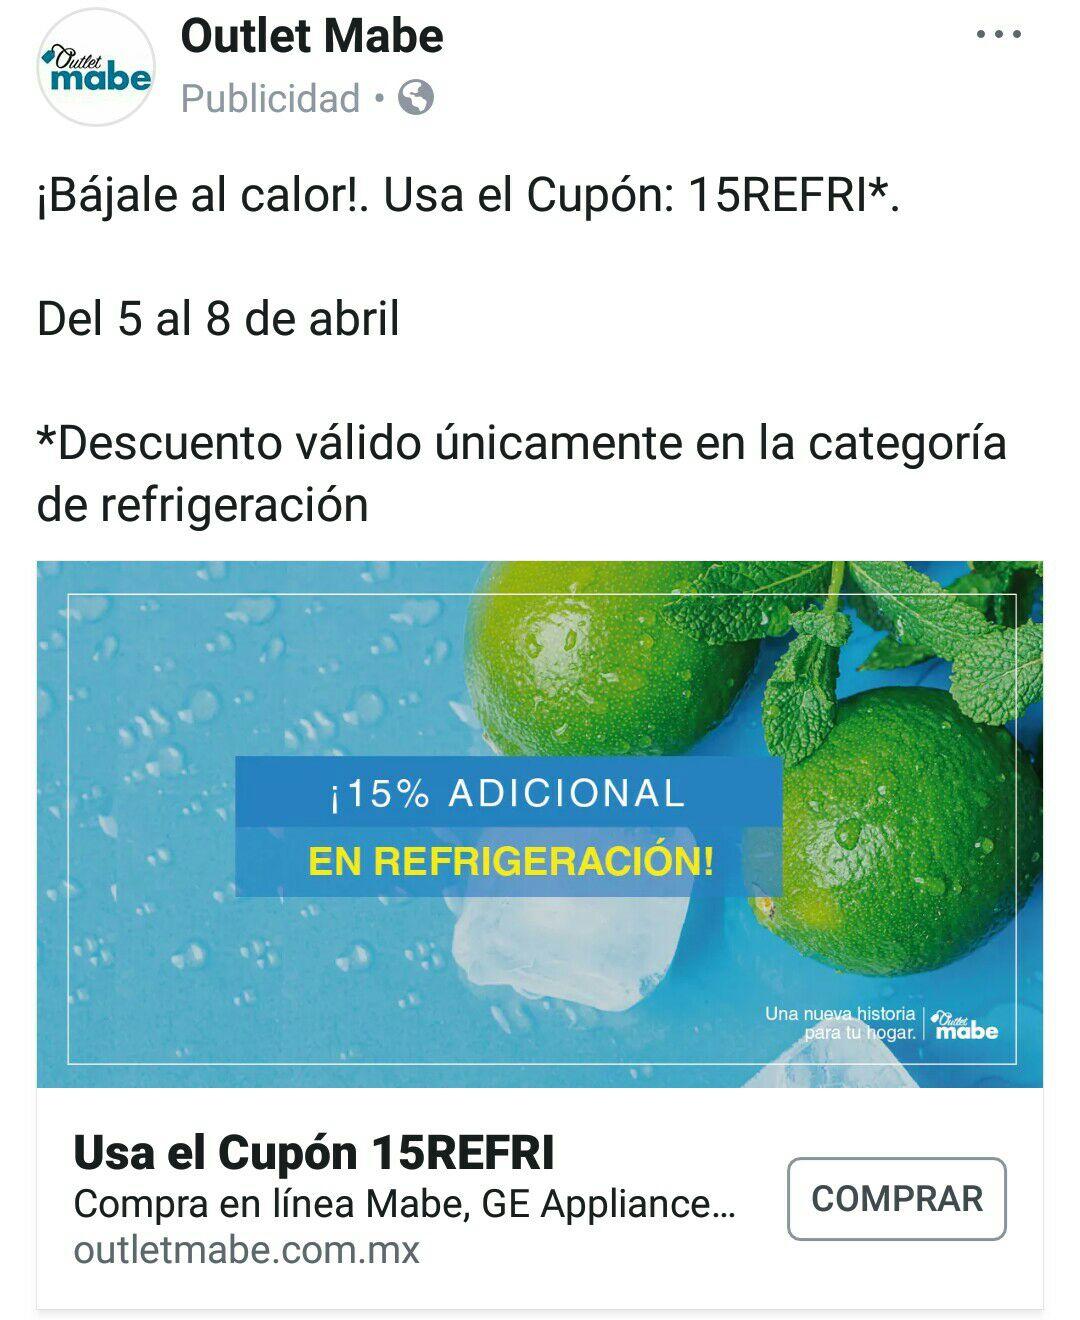 Outlet Mabe: Bájale al calor!. 15% de descuento en refrigeración 15REFRI